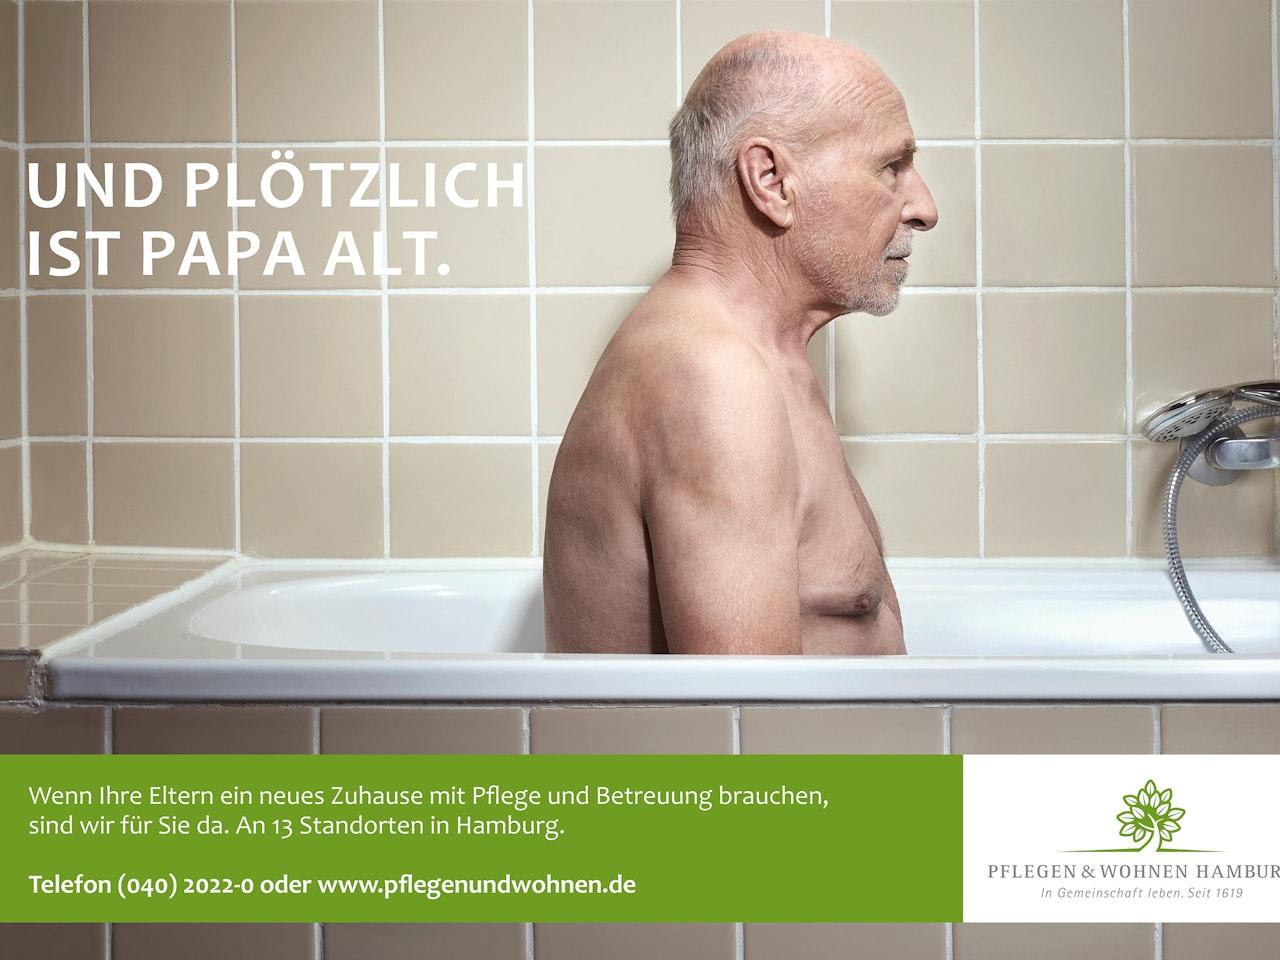 Ads - Pflegen&Wohnen Hamburg  /  Photographer: Per Schorn  /  Agency: Brandmarke